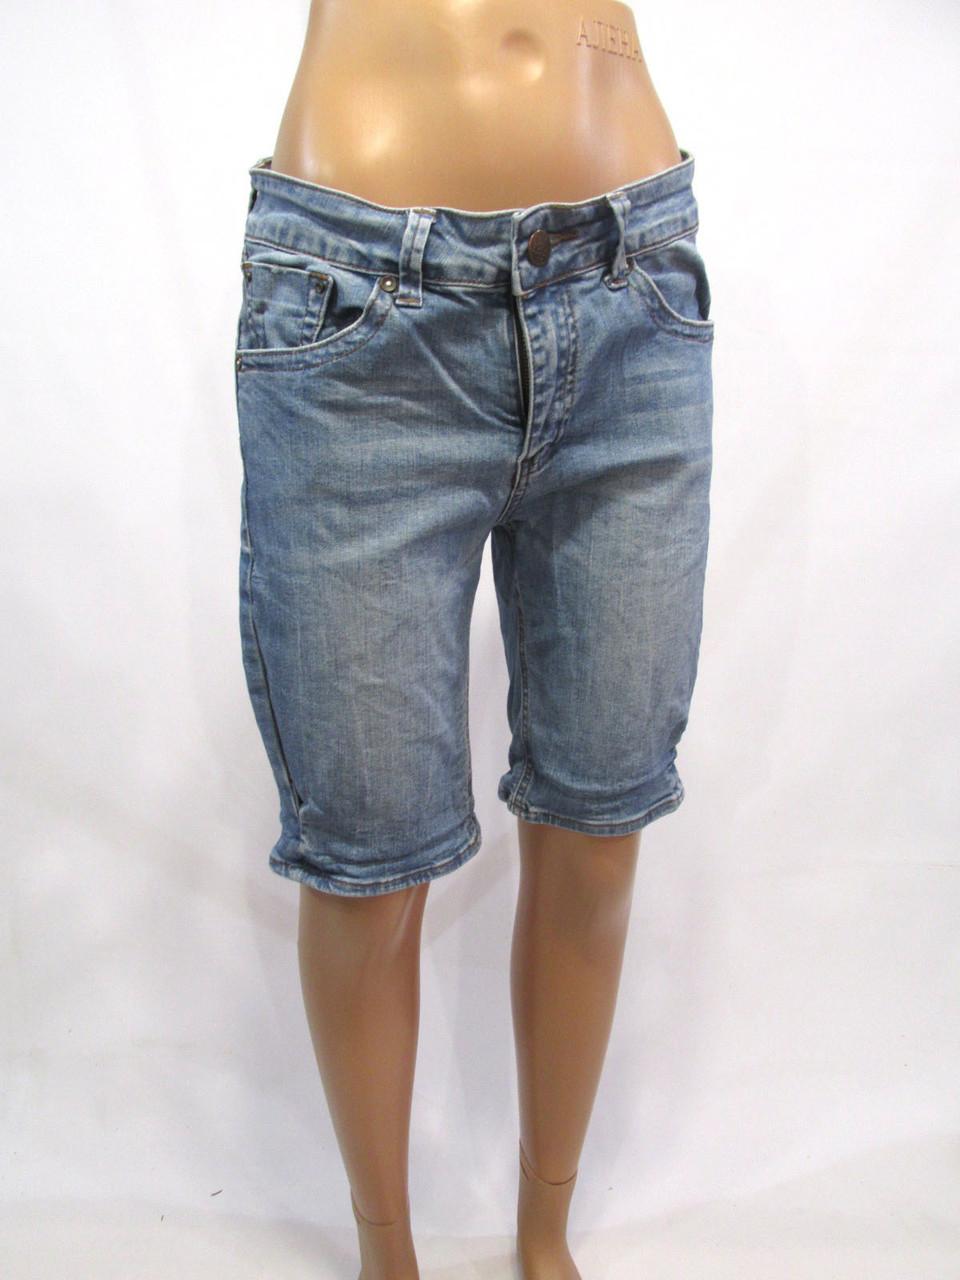 Шорты джинсовые Mango Jeans, 36 (S), Отл сост!